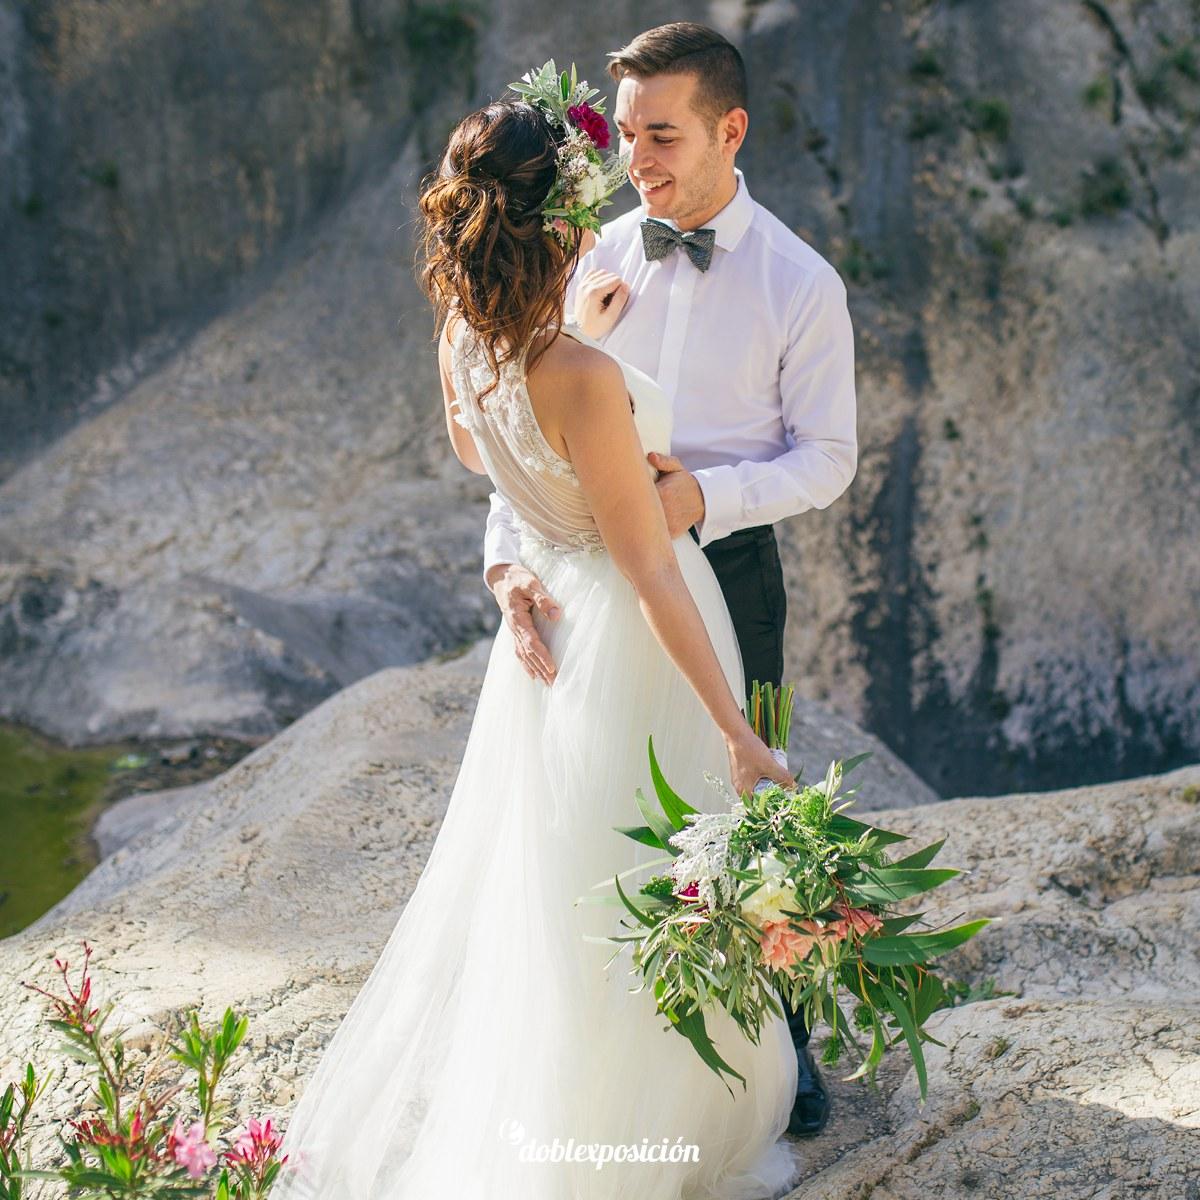 fotografos-boda-postboda-pouclar-finca-elche-alicante_0006